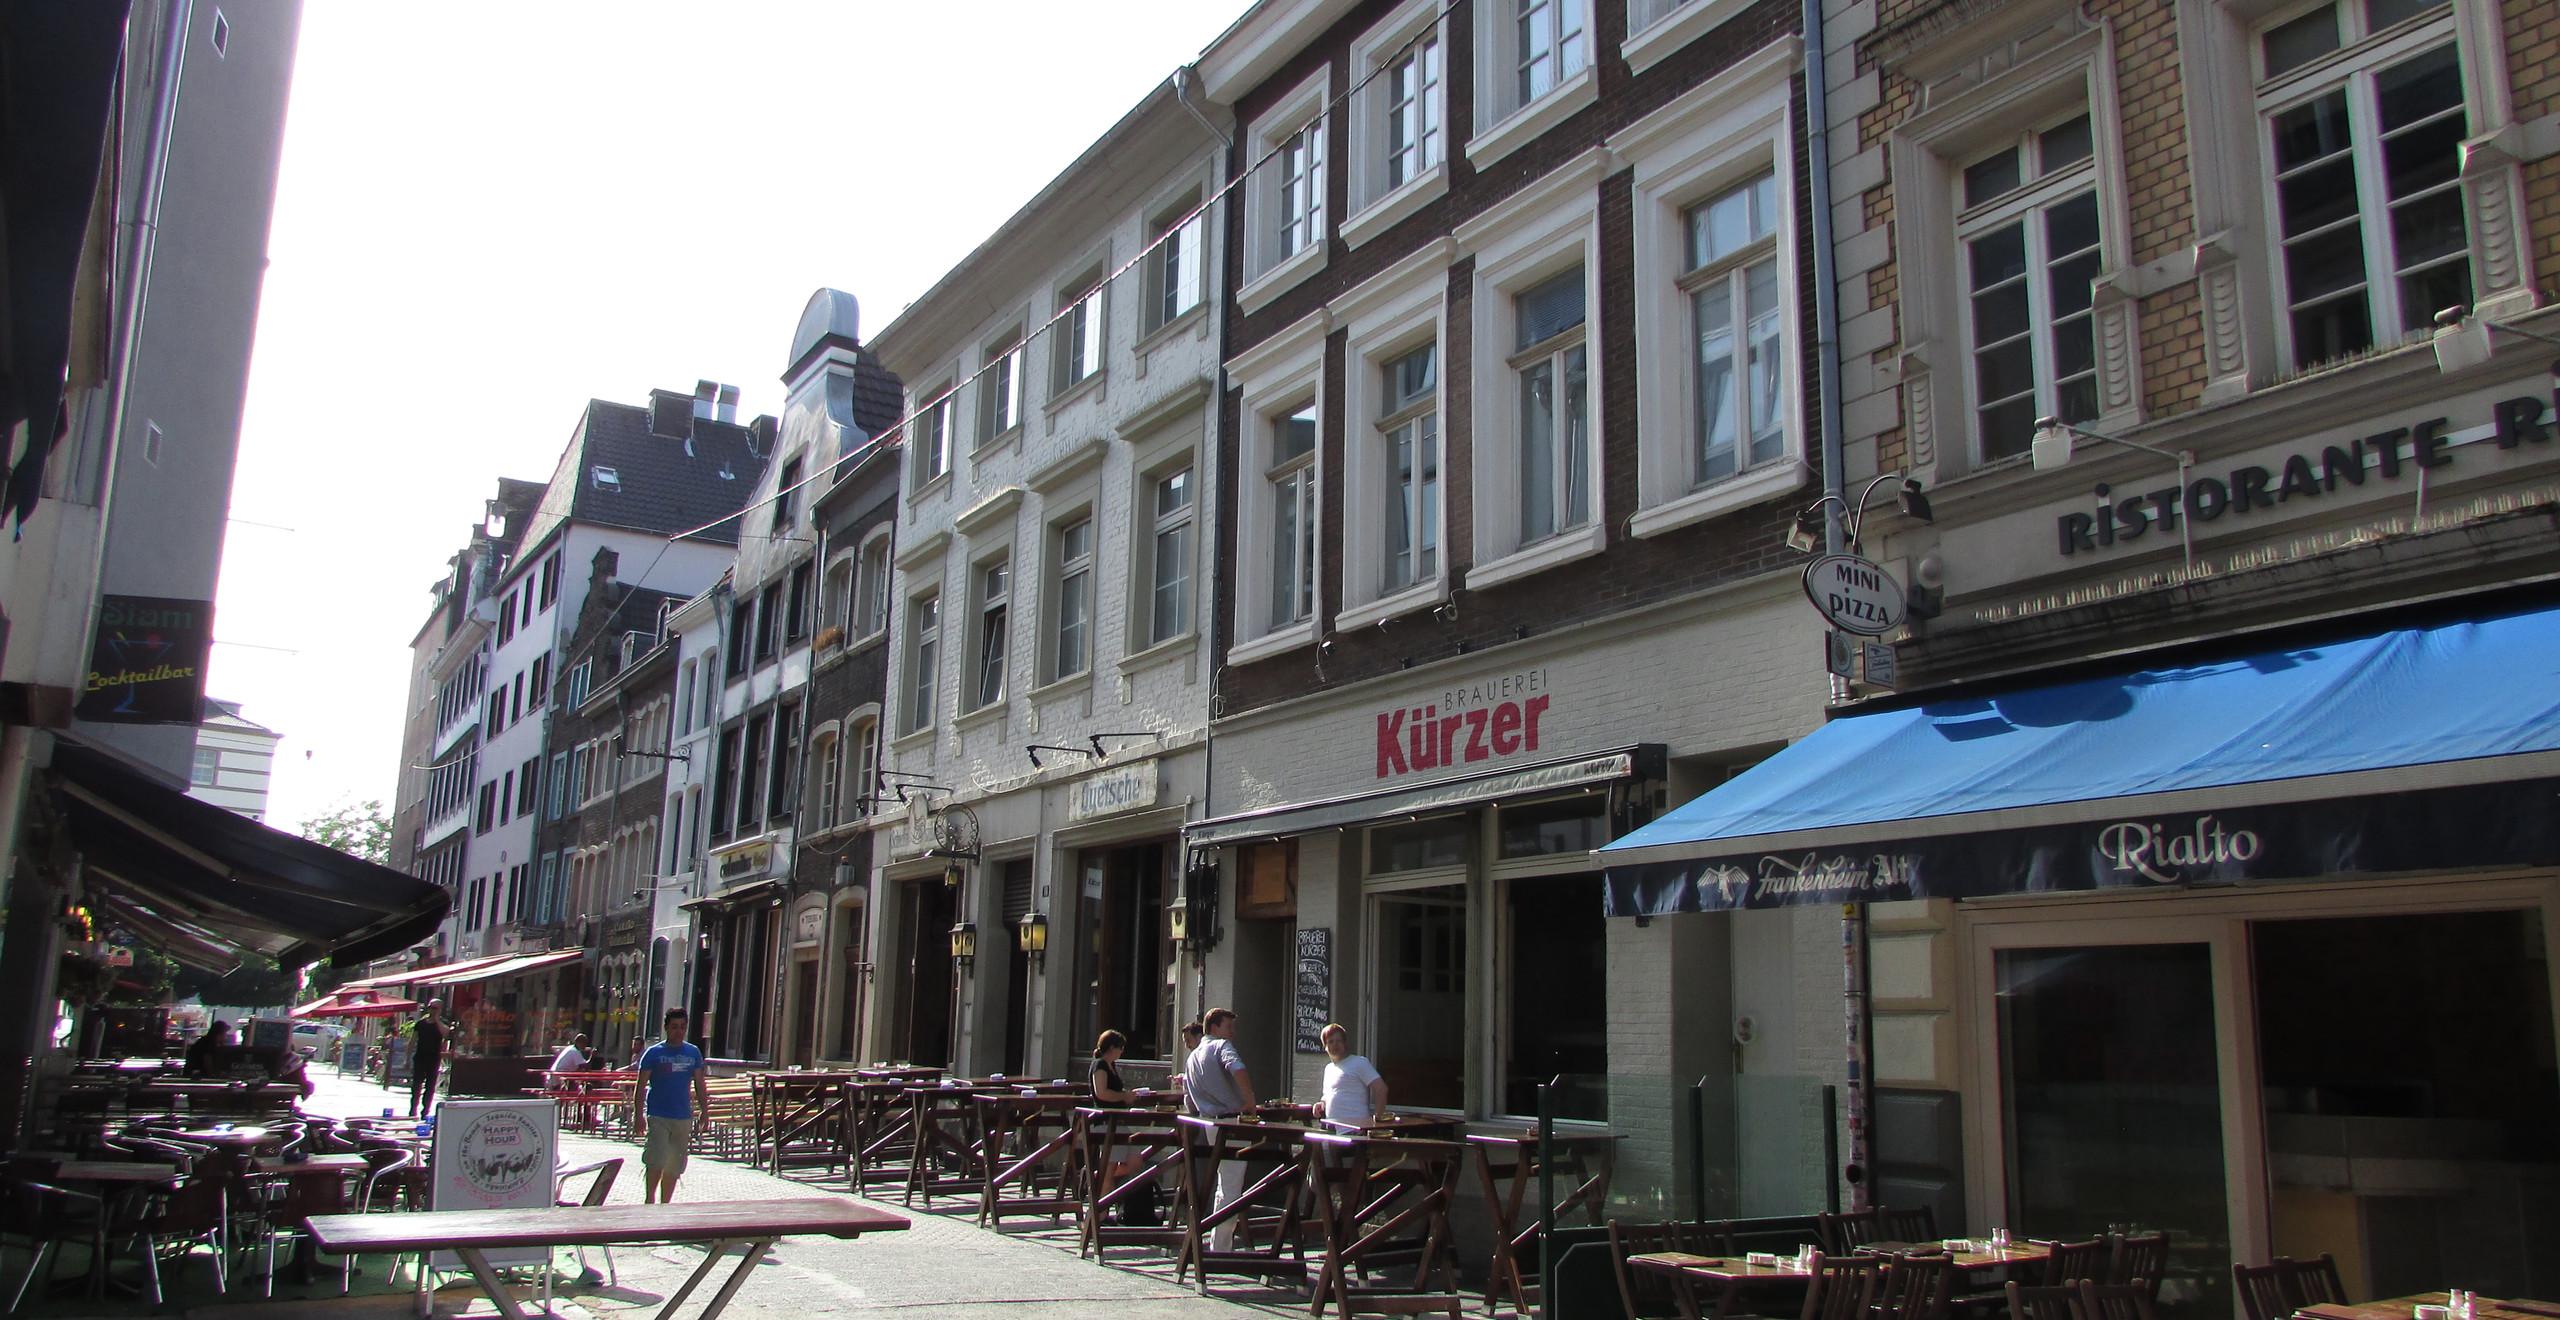 דבוקה רבה של מסעדות ובארים בעיר העתיקה בדיסלדורף